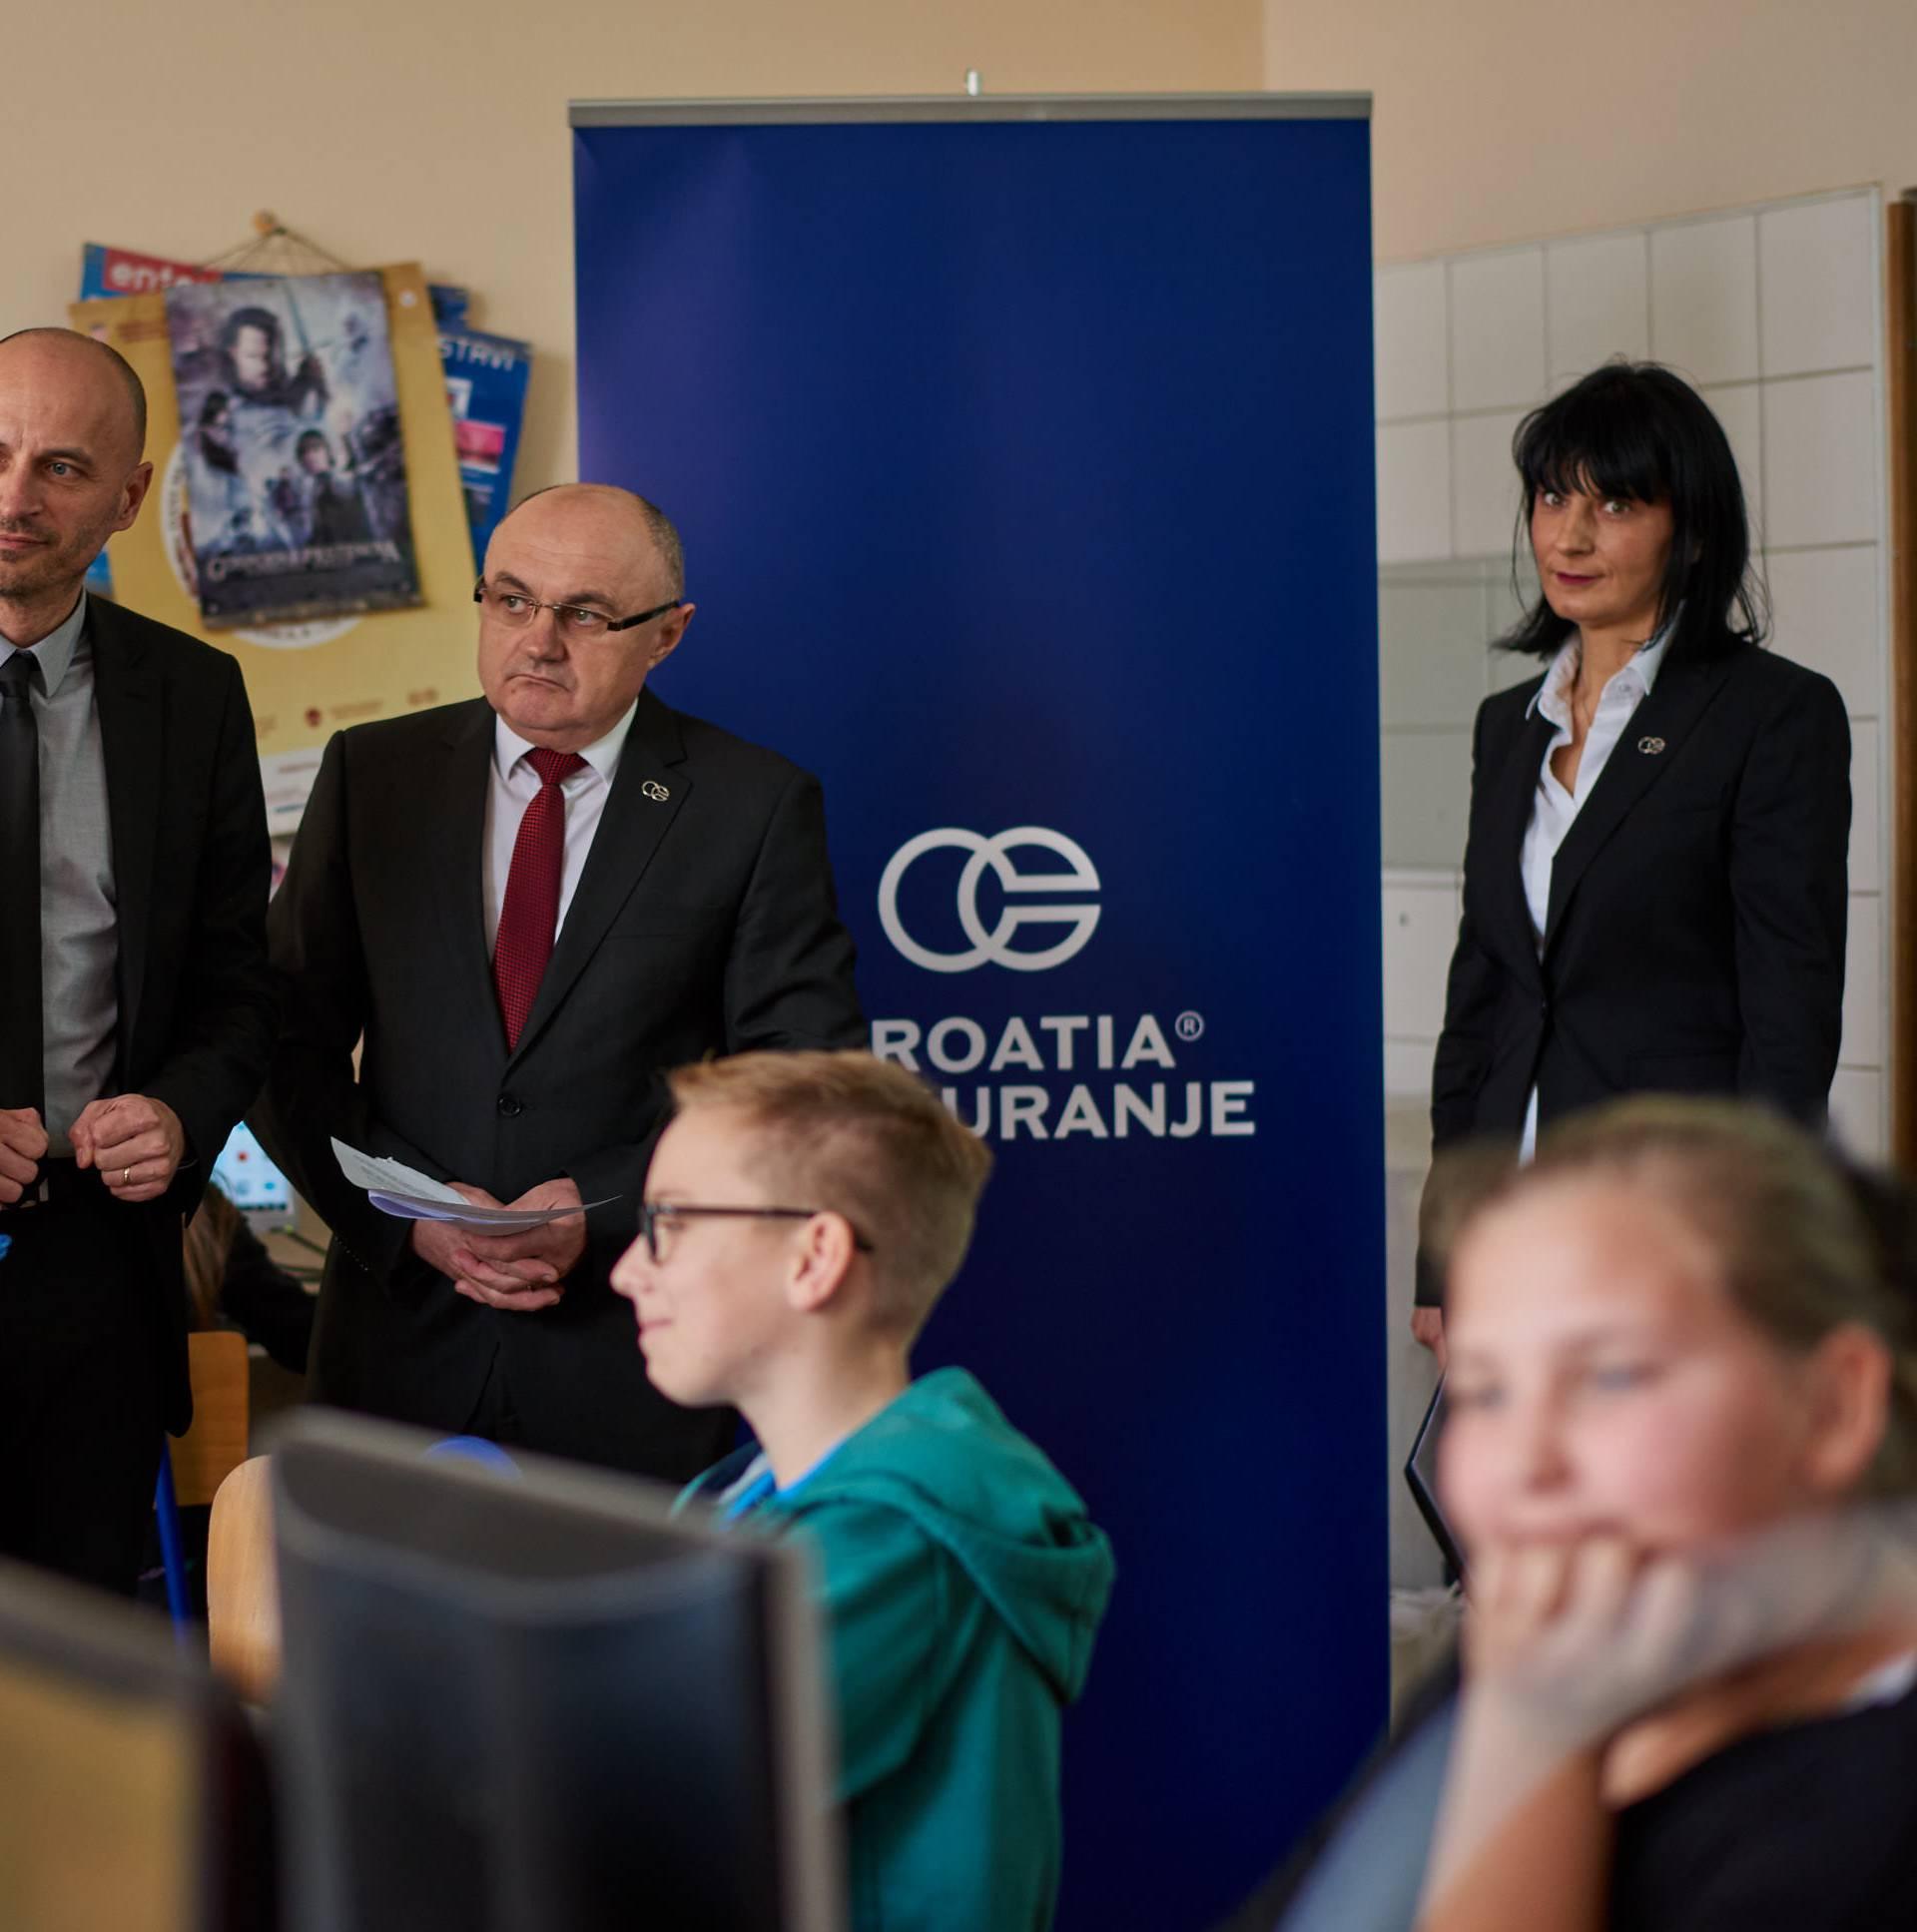 Croatia osiguranje oprema varaždinske osnovnoškolce